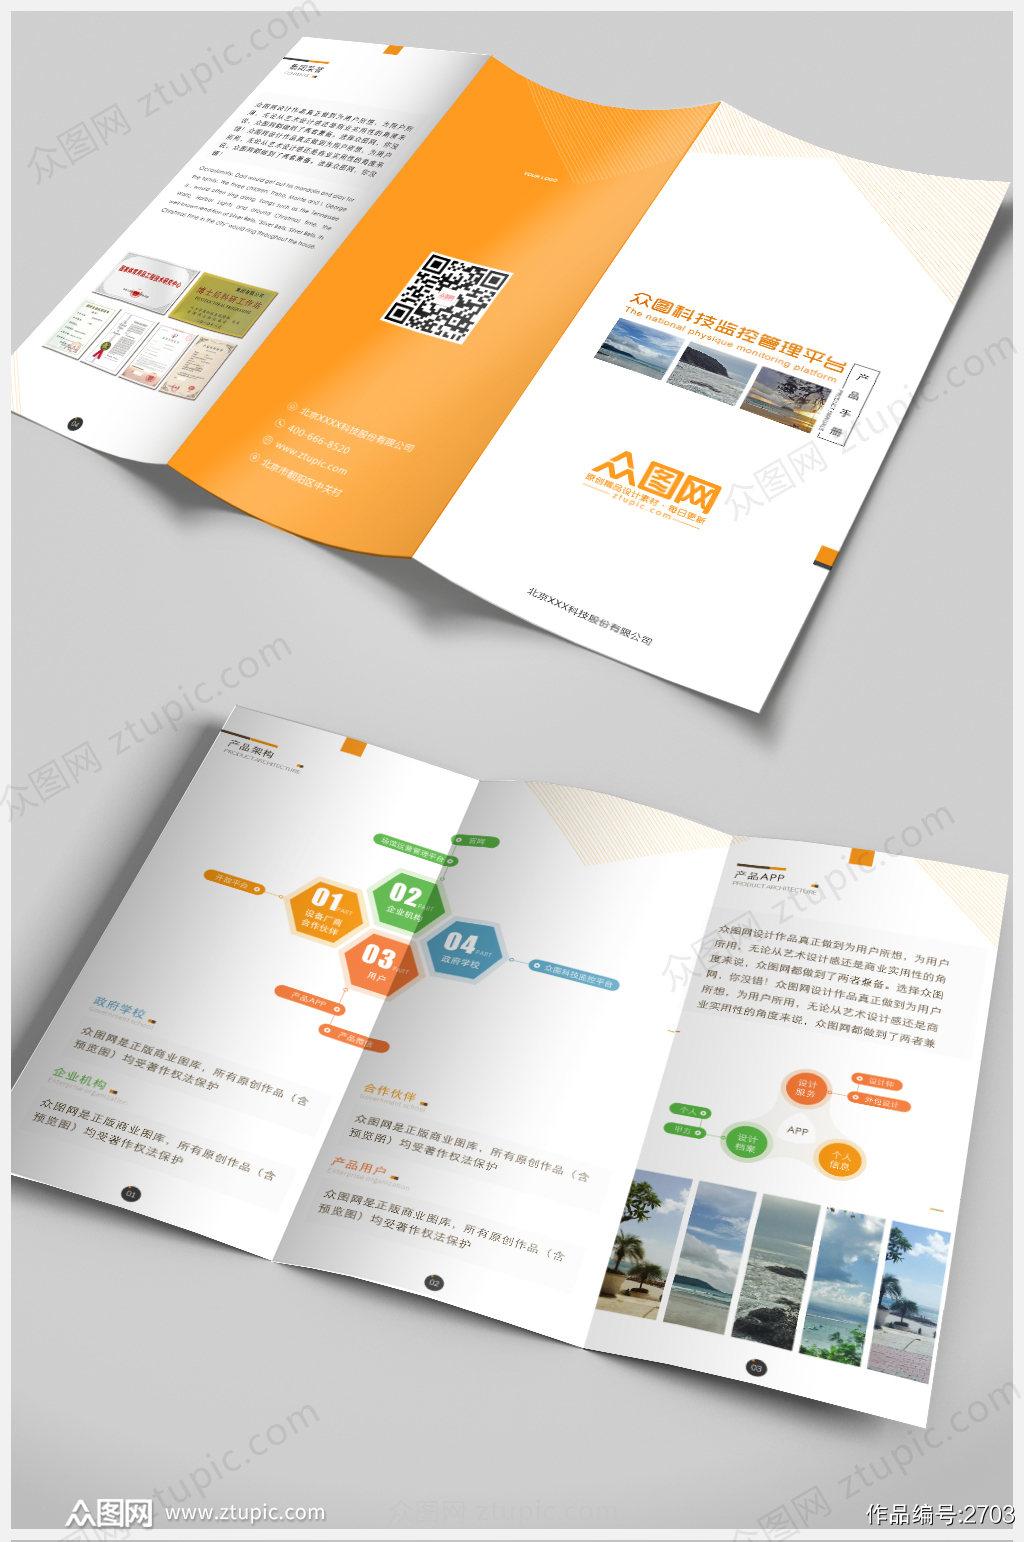 橙黄色时尚大气科技公司三折页素材